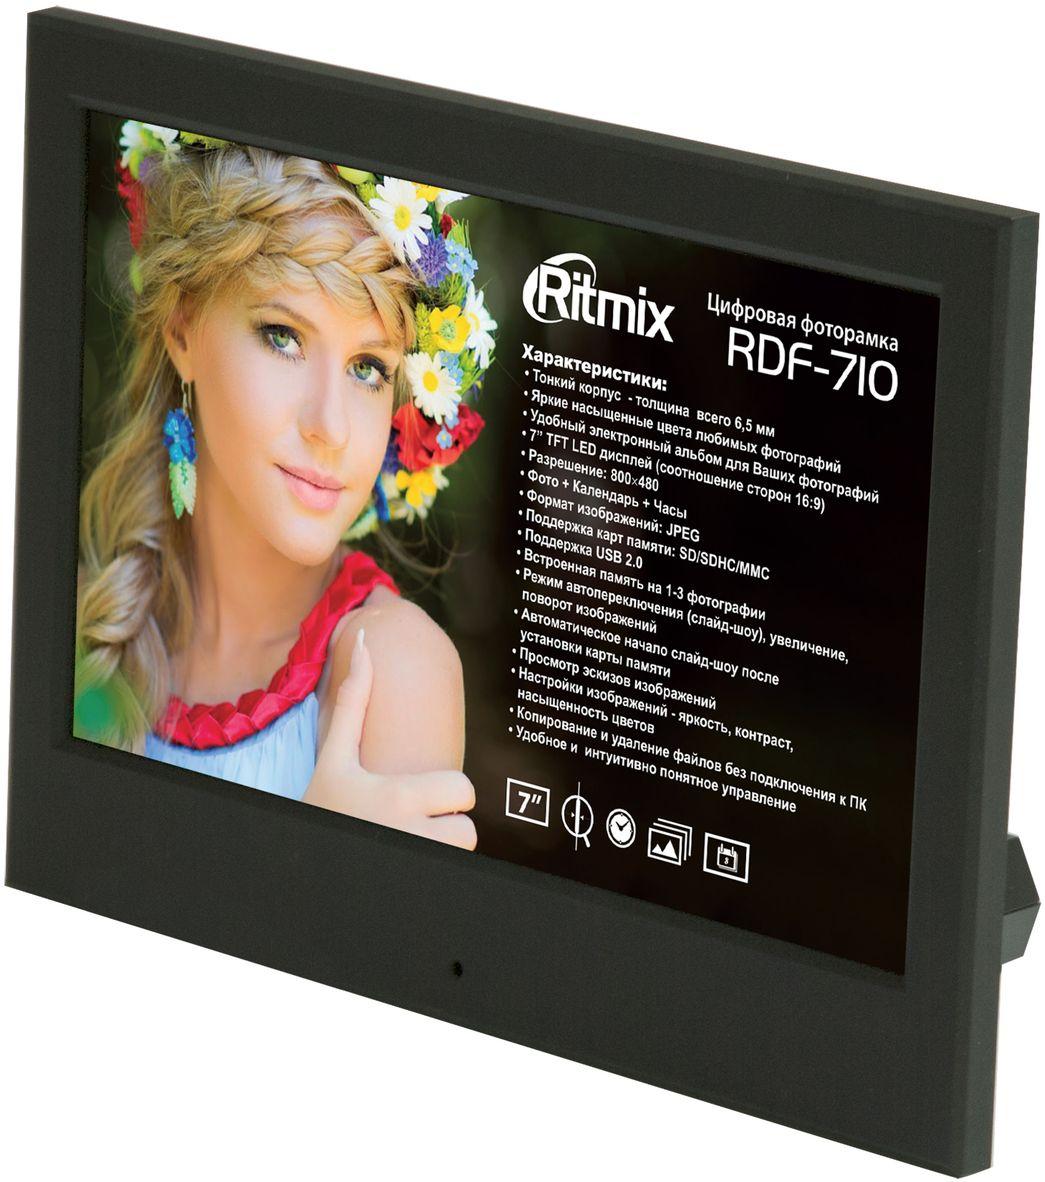 Ritmix RDF-710, Black цифровая фоторамка - Цифровые фоторамки